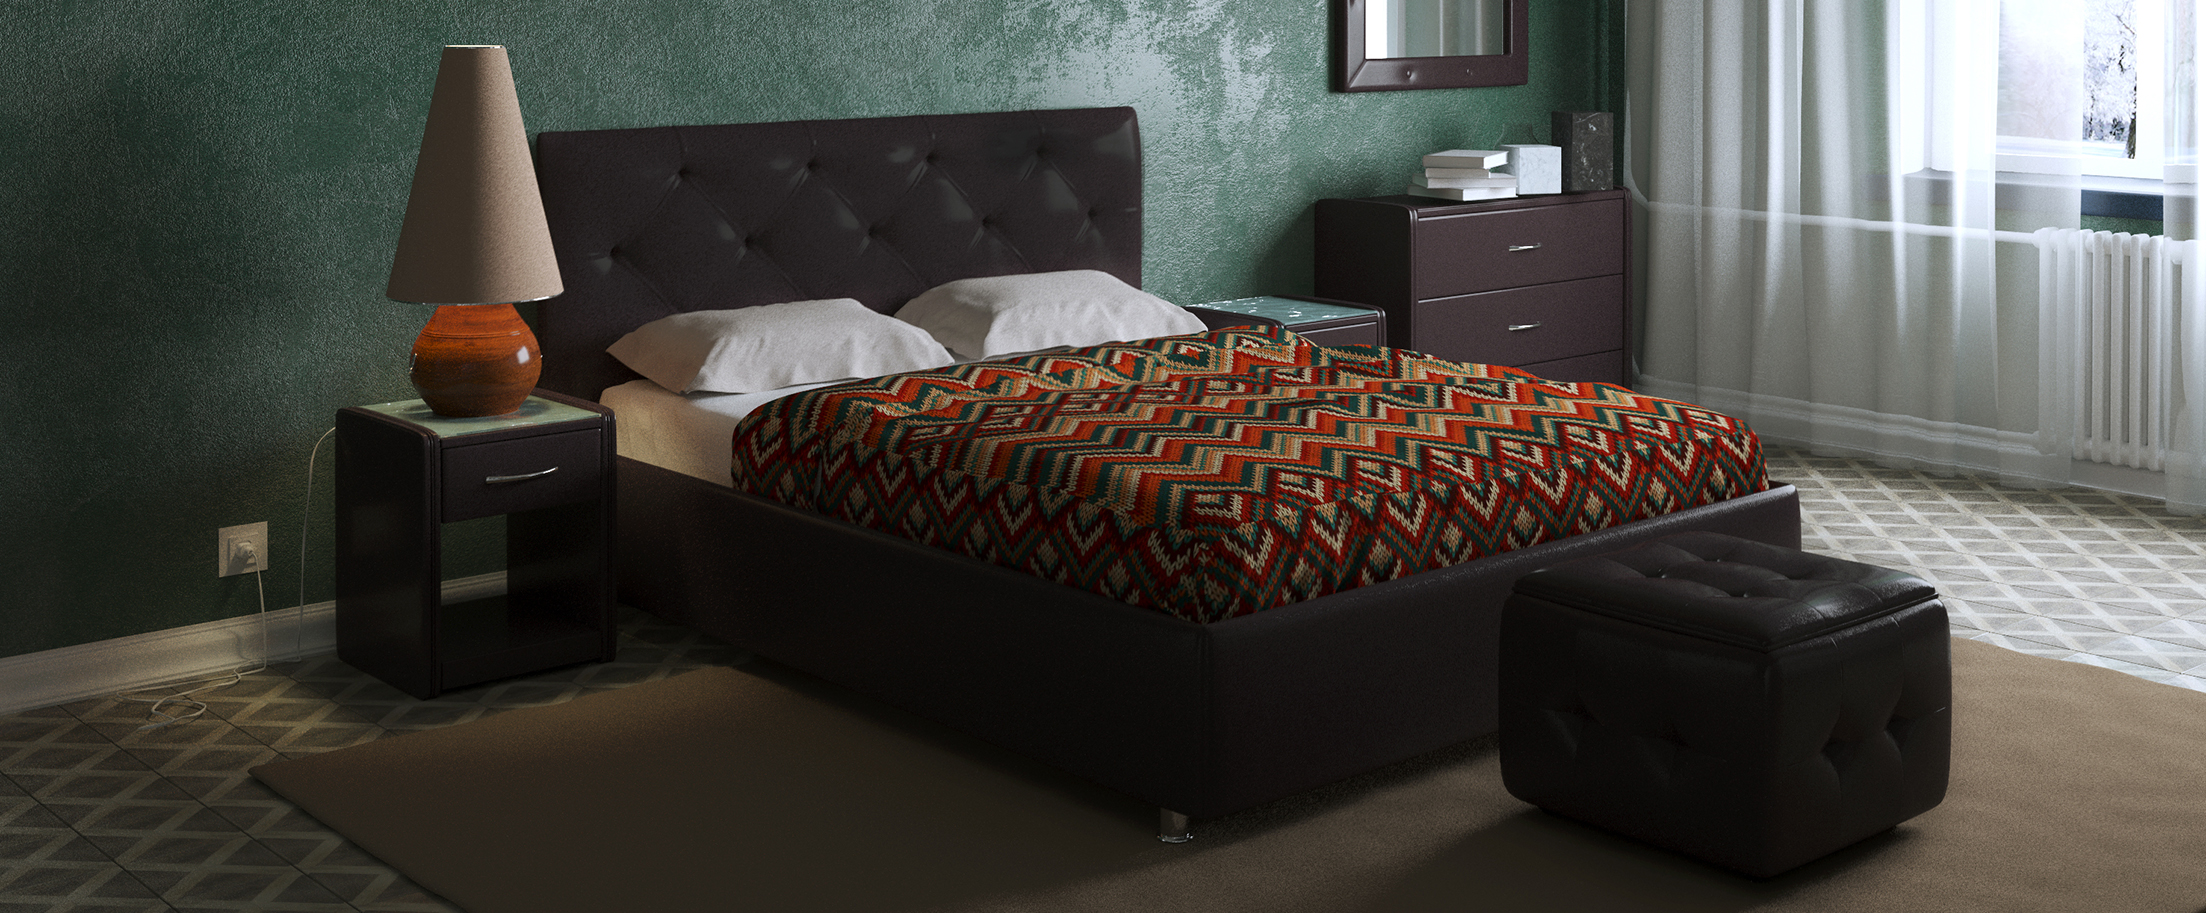 Кровать двуспальная Монблан Модель 383«Монблан» станет центром внимания в спальне. Утяжки средней глубины кропотливо собраны вручную и подчеркнуты пуговицами.<br><br>Ширина см: 195<br>Глубина см: 212<br>Высота см: 110<br>Ширина спального места см: 180<br>Длина спального места см: 200<br>Встроенное основание: Есть<br>Материал каркаса: ДСП<br>Материал обивки: Экокожа<br>Подъемный механизм: Нет<br>Цвет: Коричневый<br>Код ткани: Кофе<br>Бренд: Другие